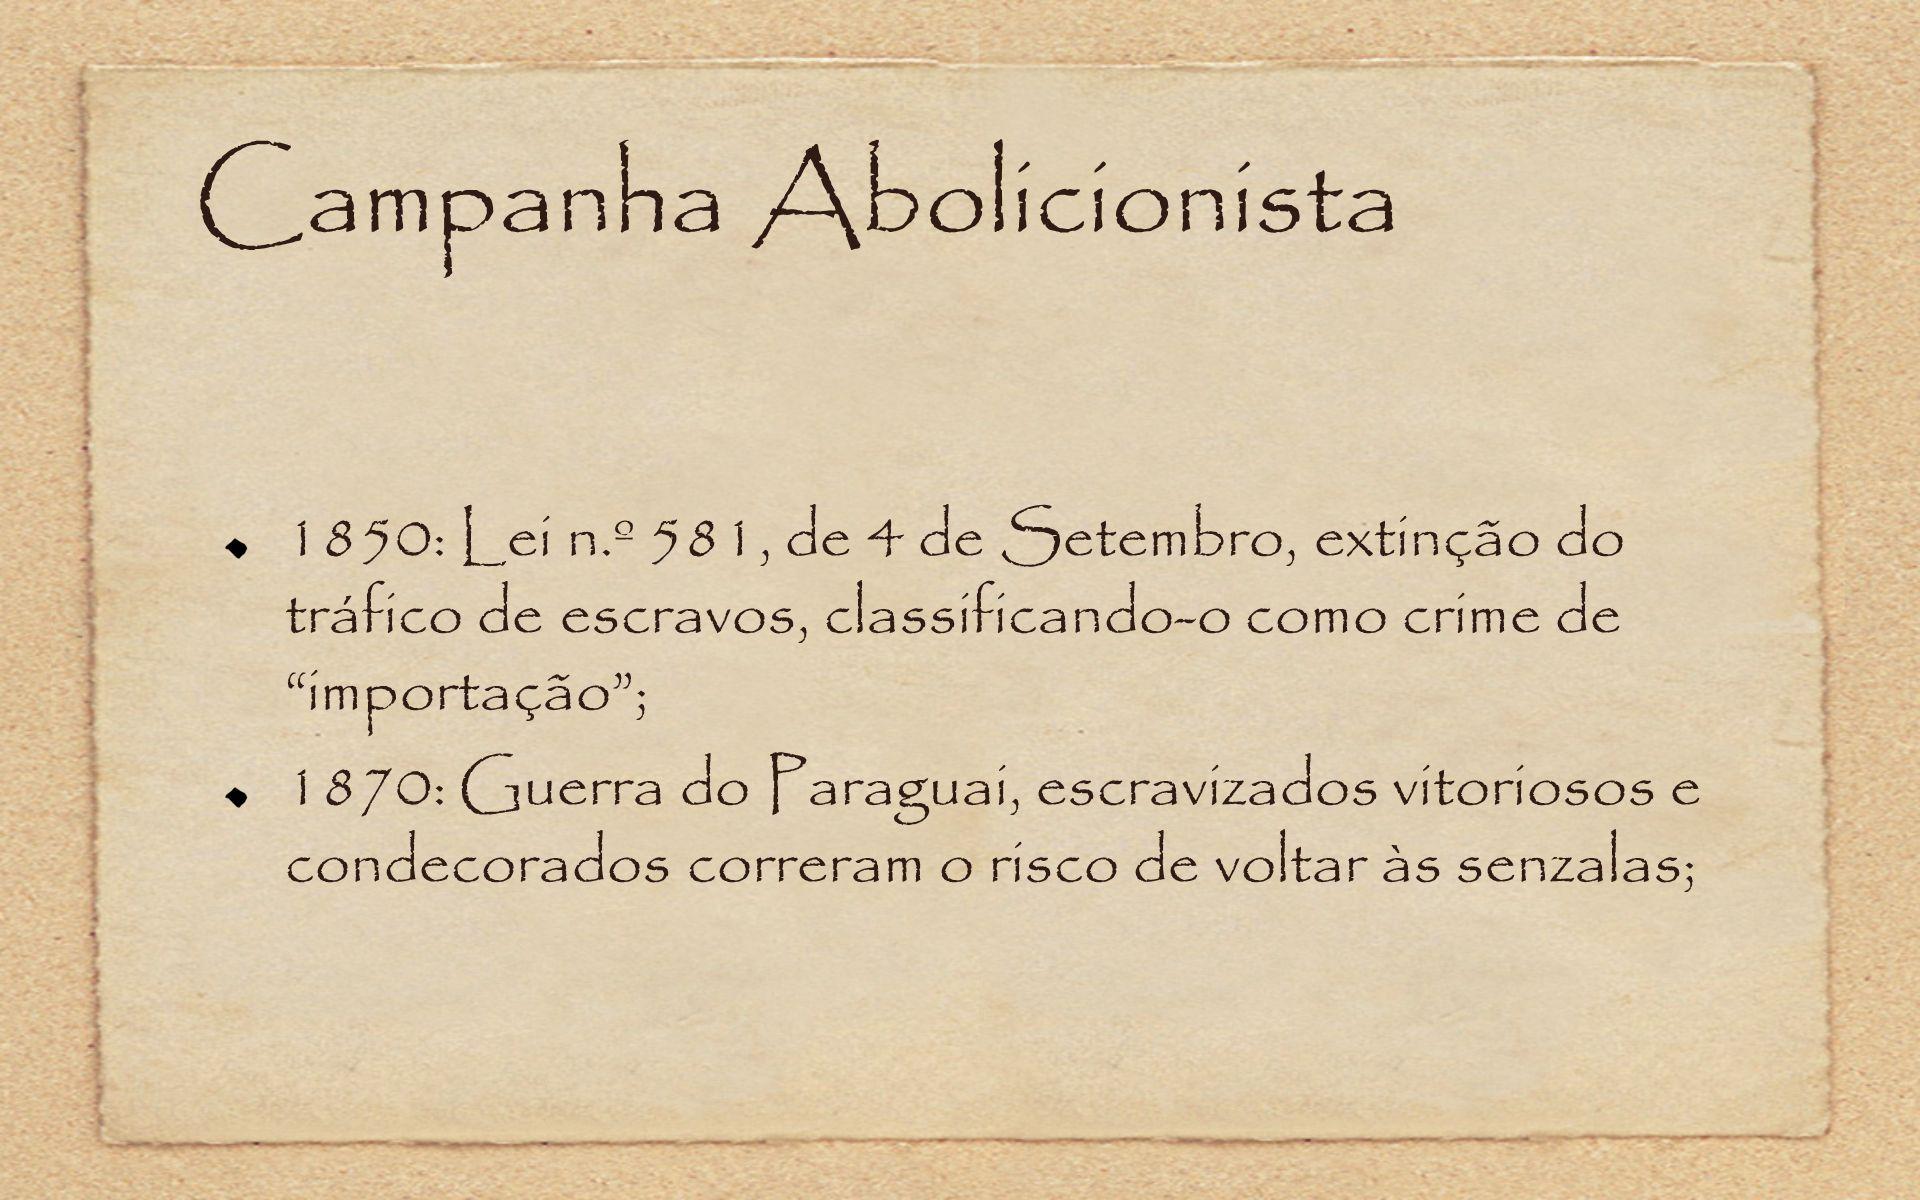 Campanha Abolicionista 1850: Lei n.º 581, de 4 de Setembro, extinção do tráfico de escravos, classificando-o como crime de importação; 1870: Guerra do